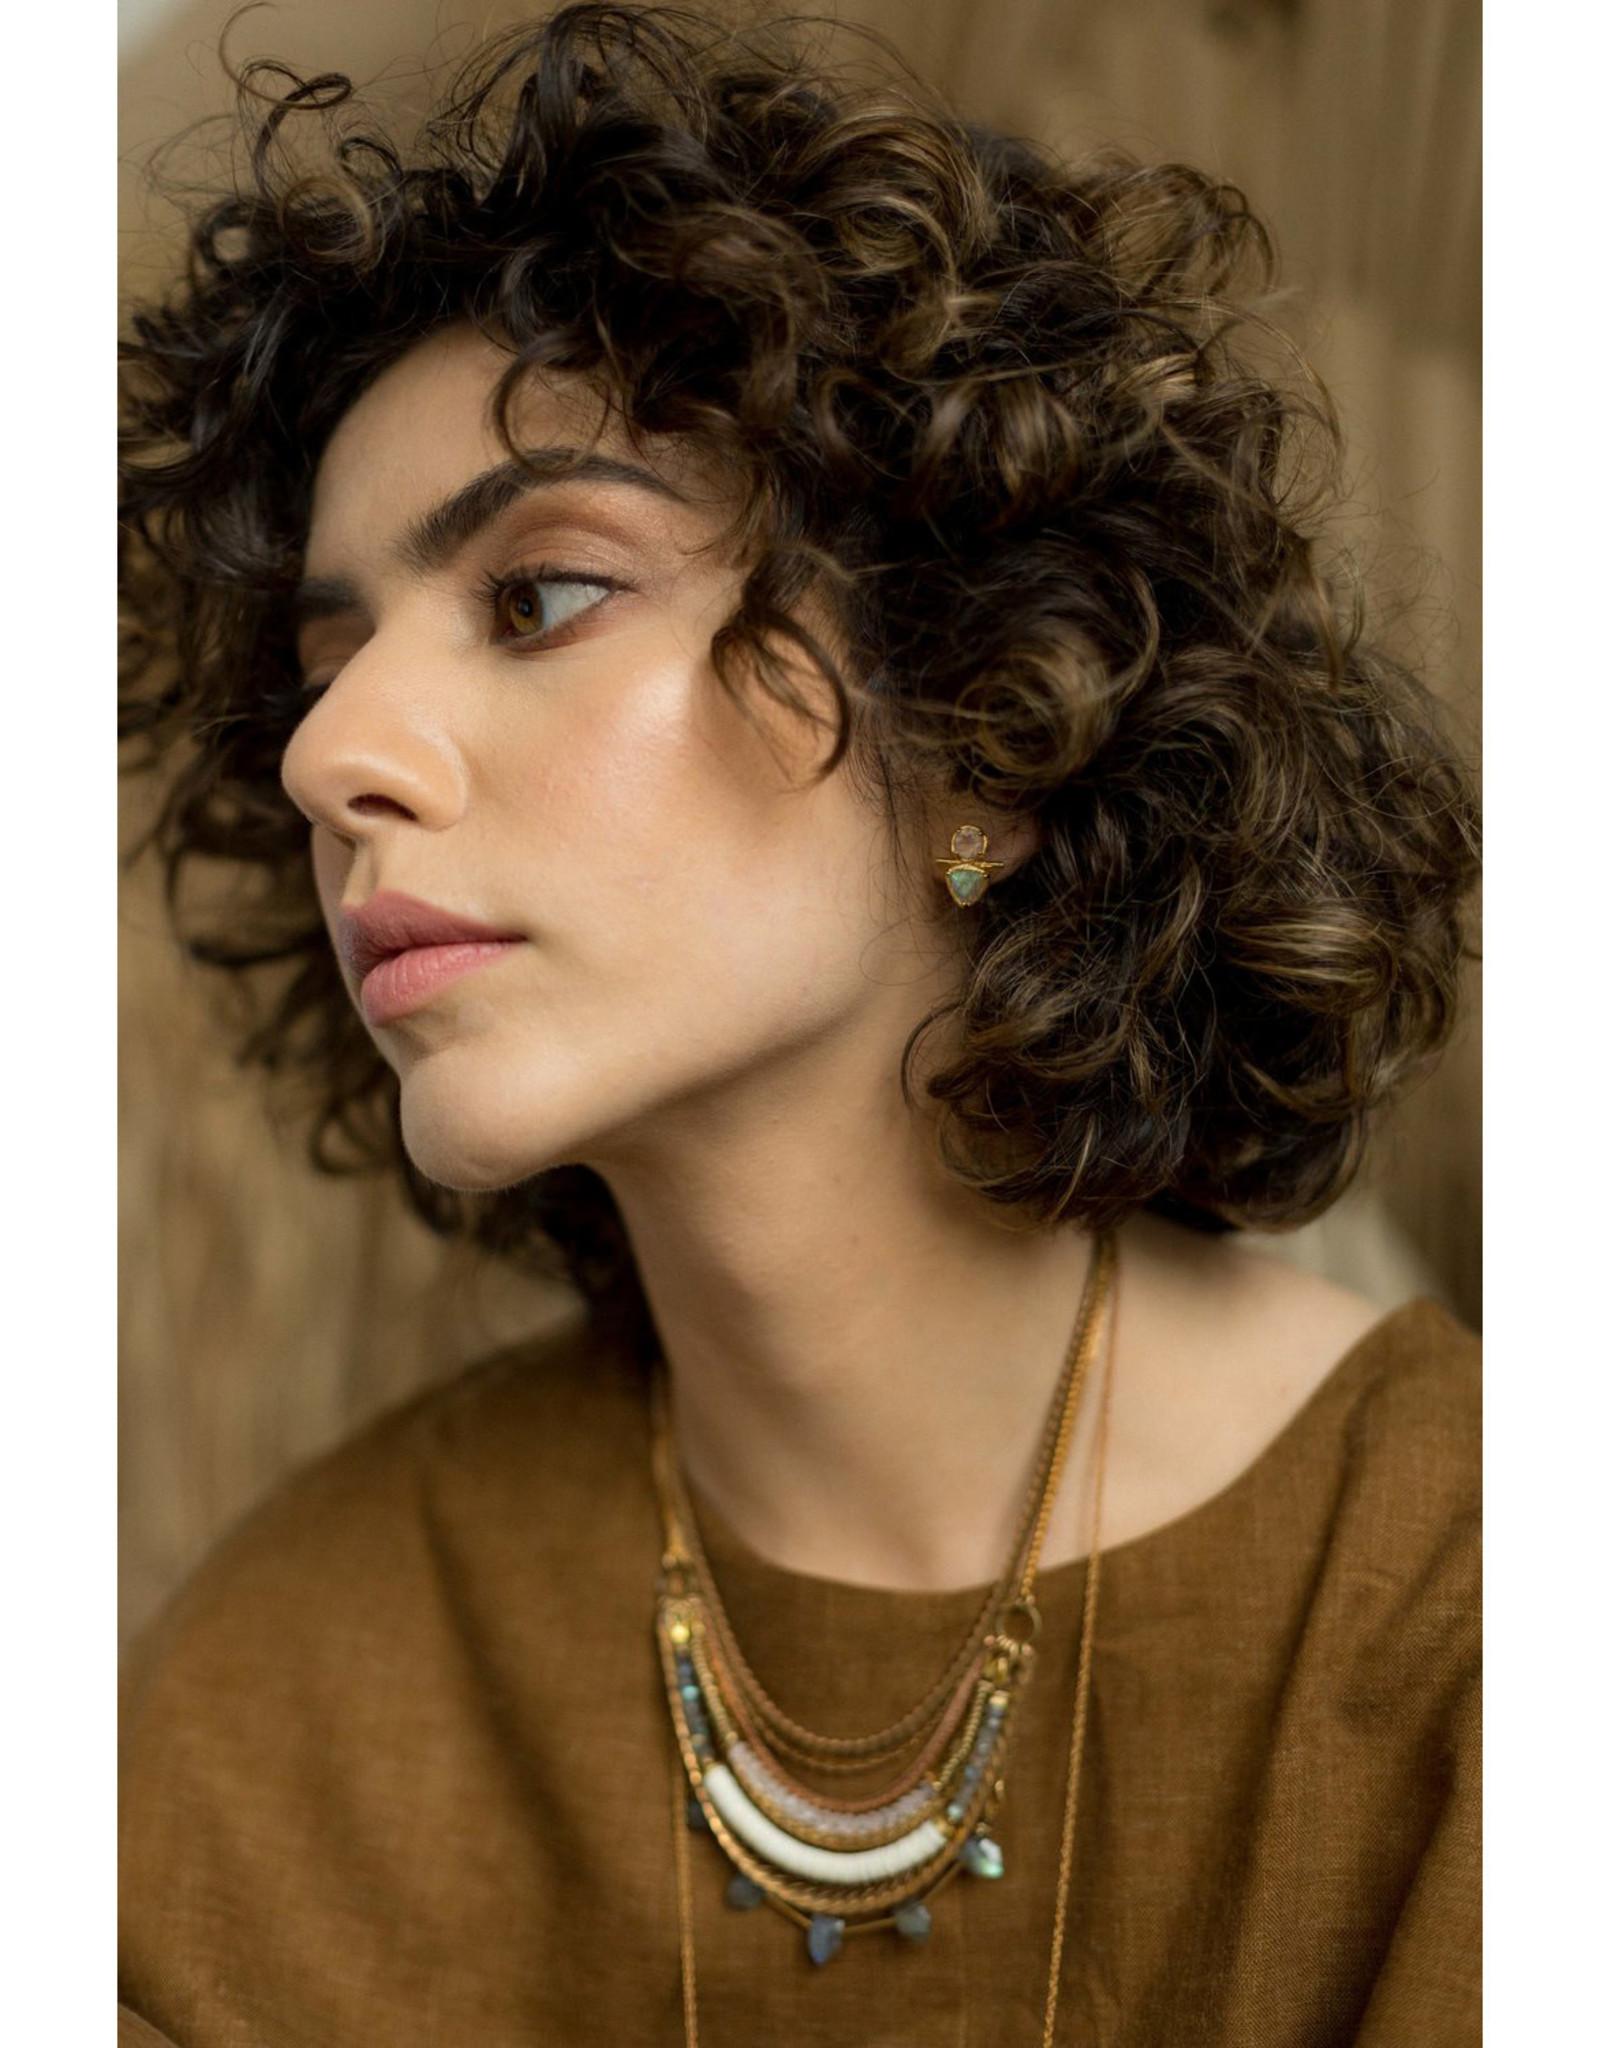 Hailey Gerrits Designs Seteria Necklace - Labradorite